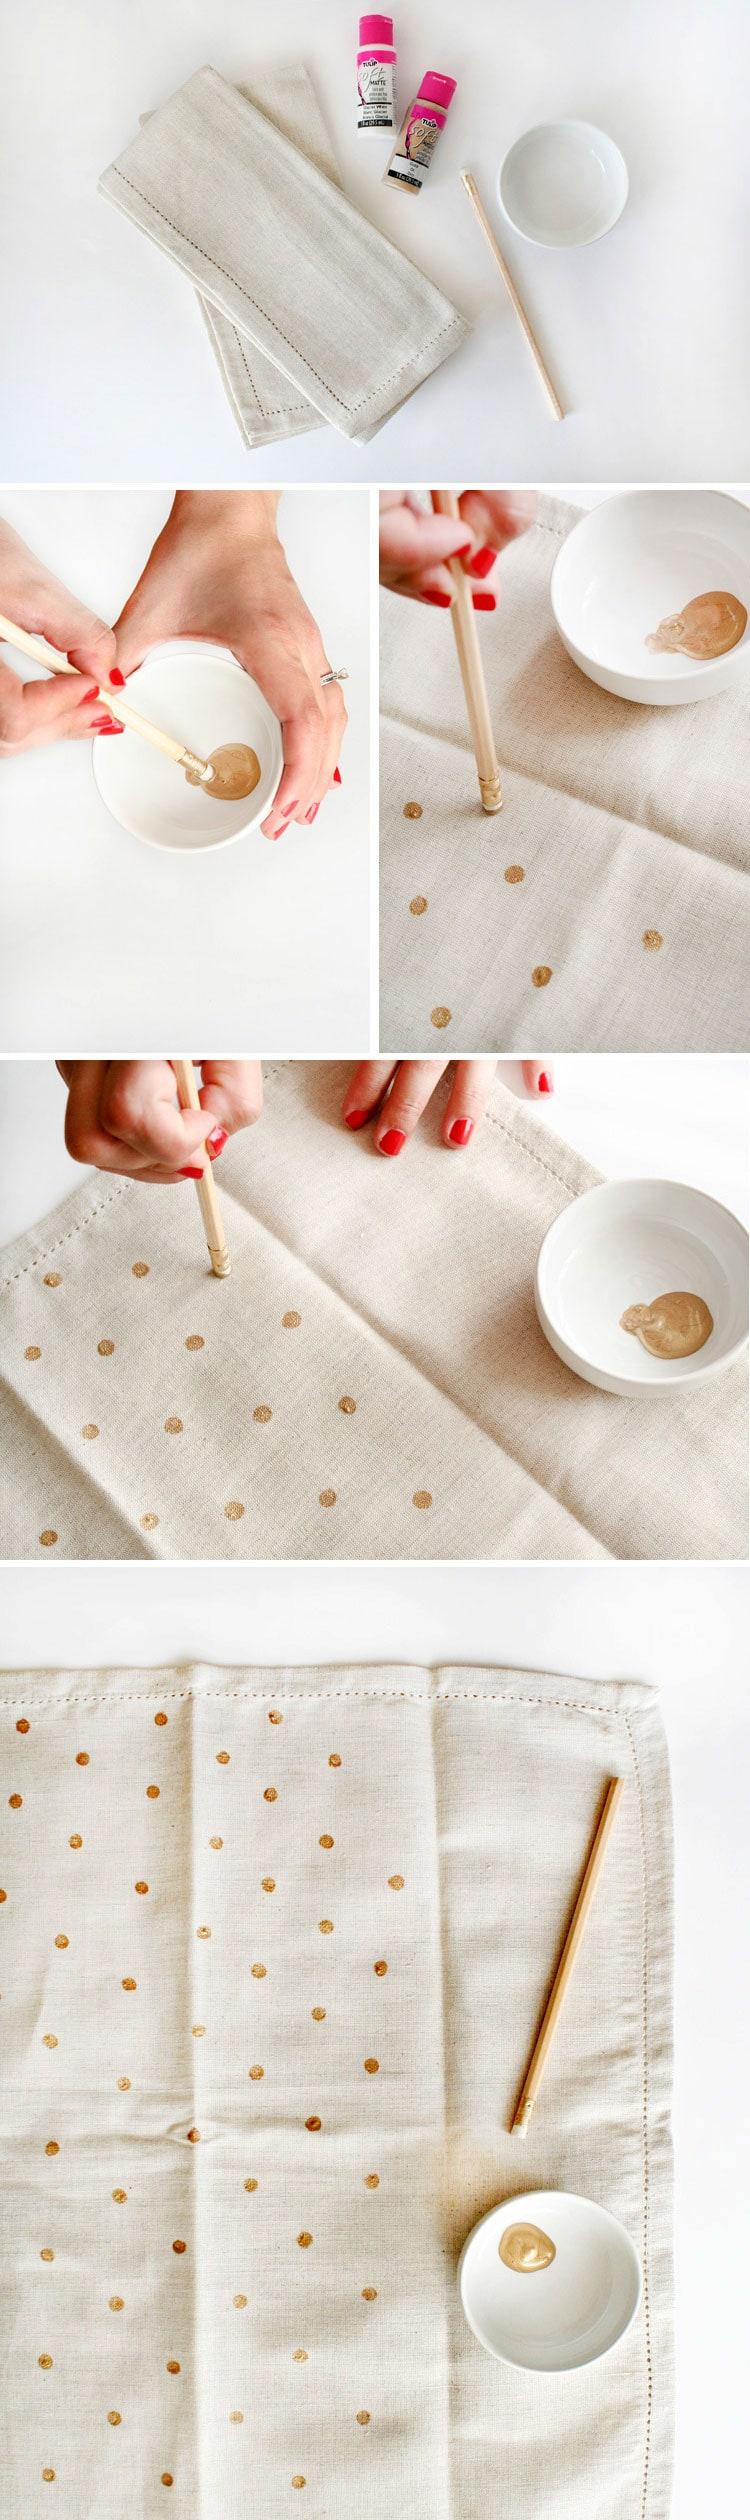 Polka dot napkin tutorial